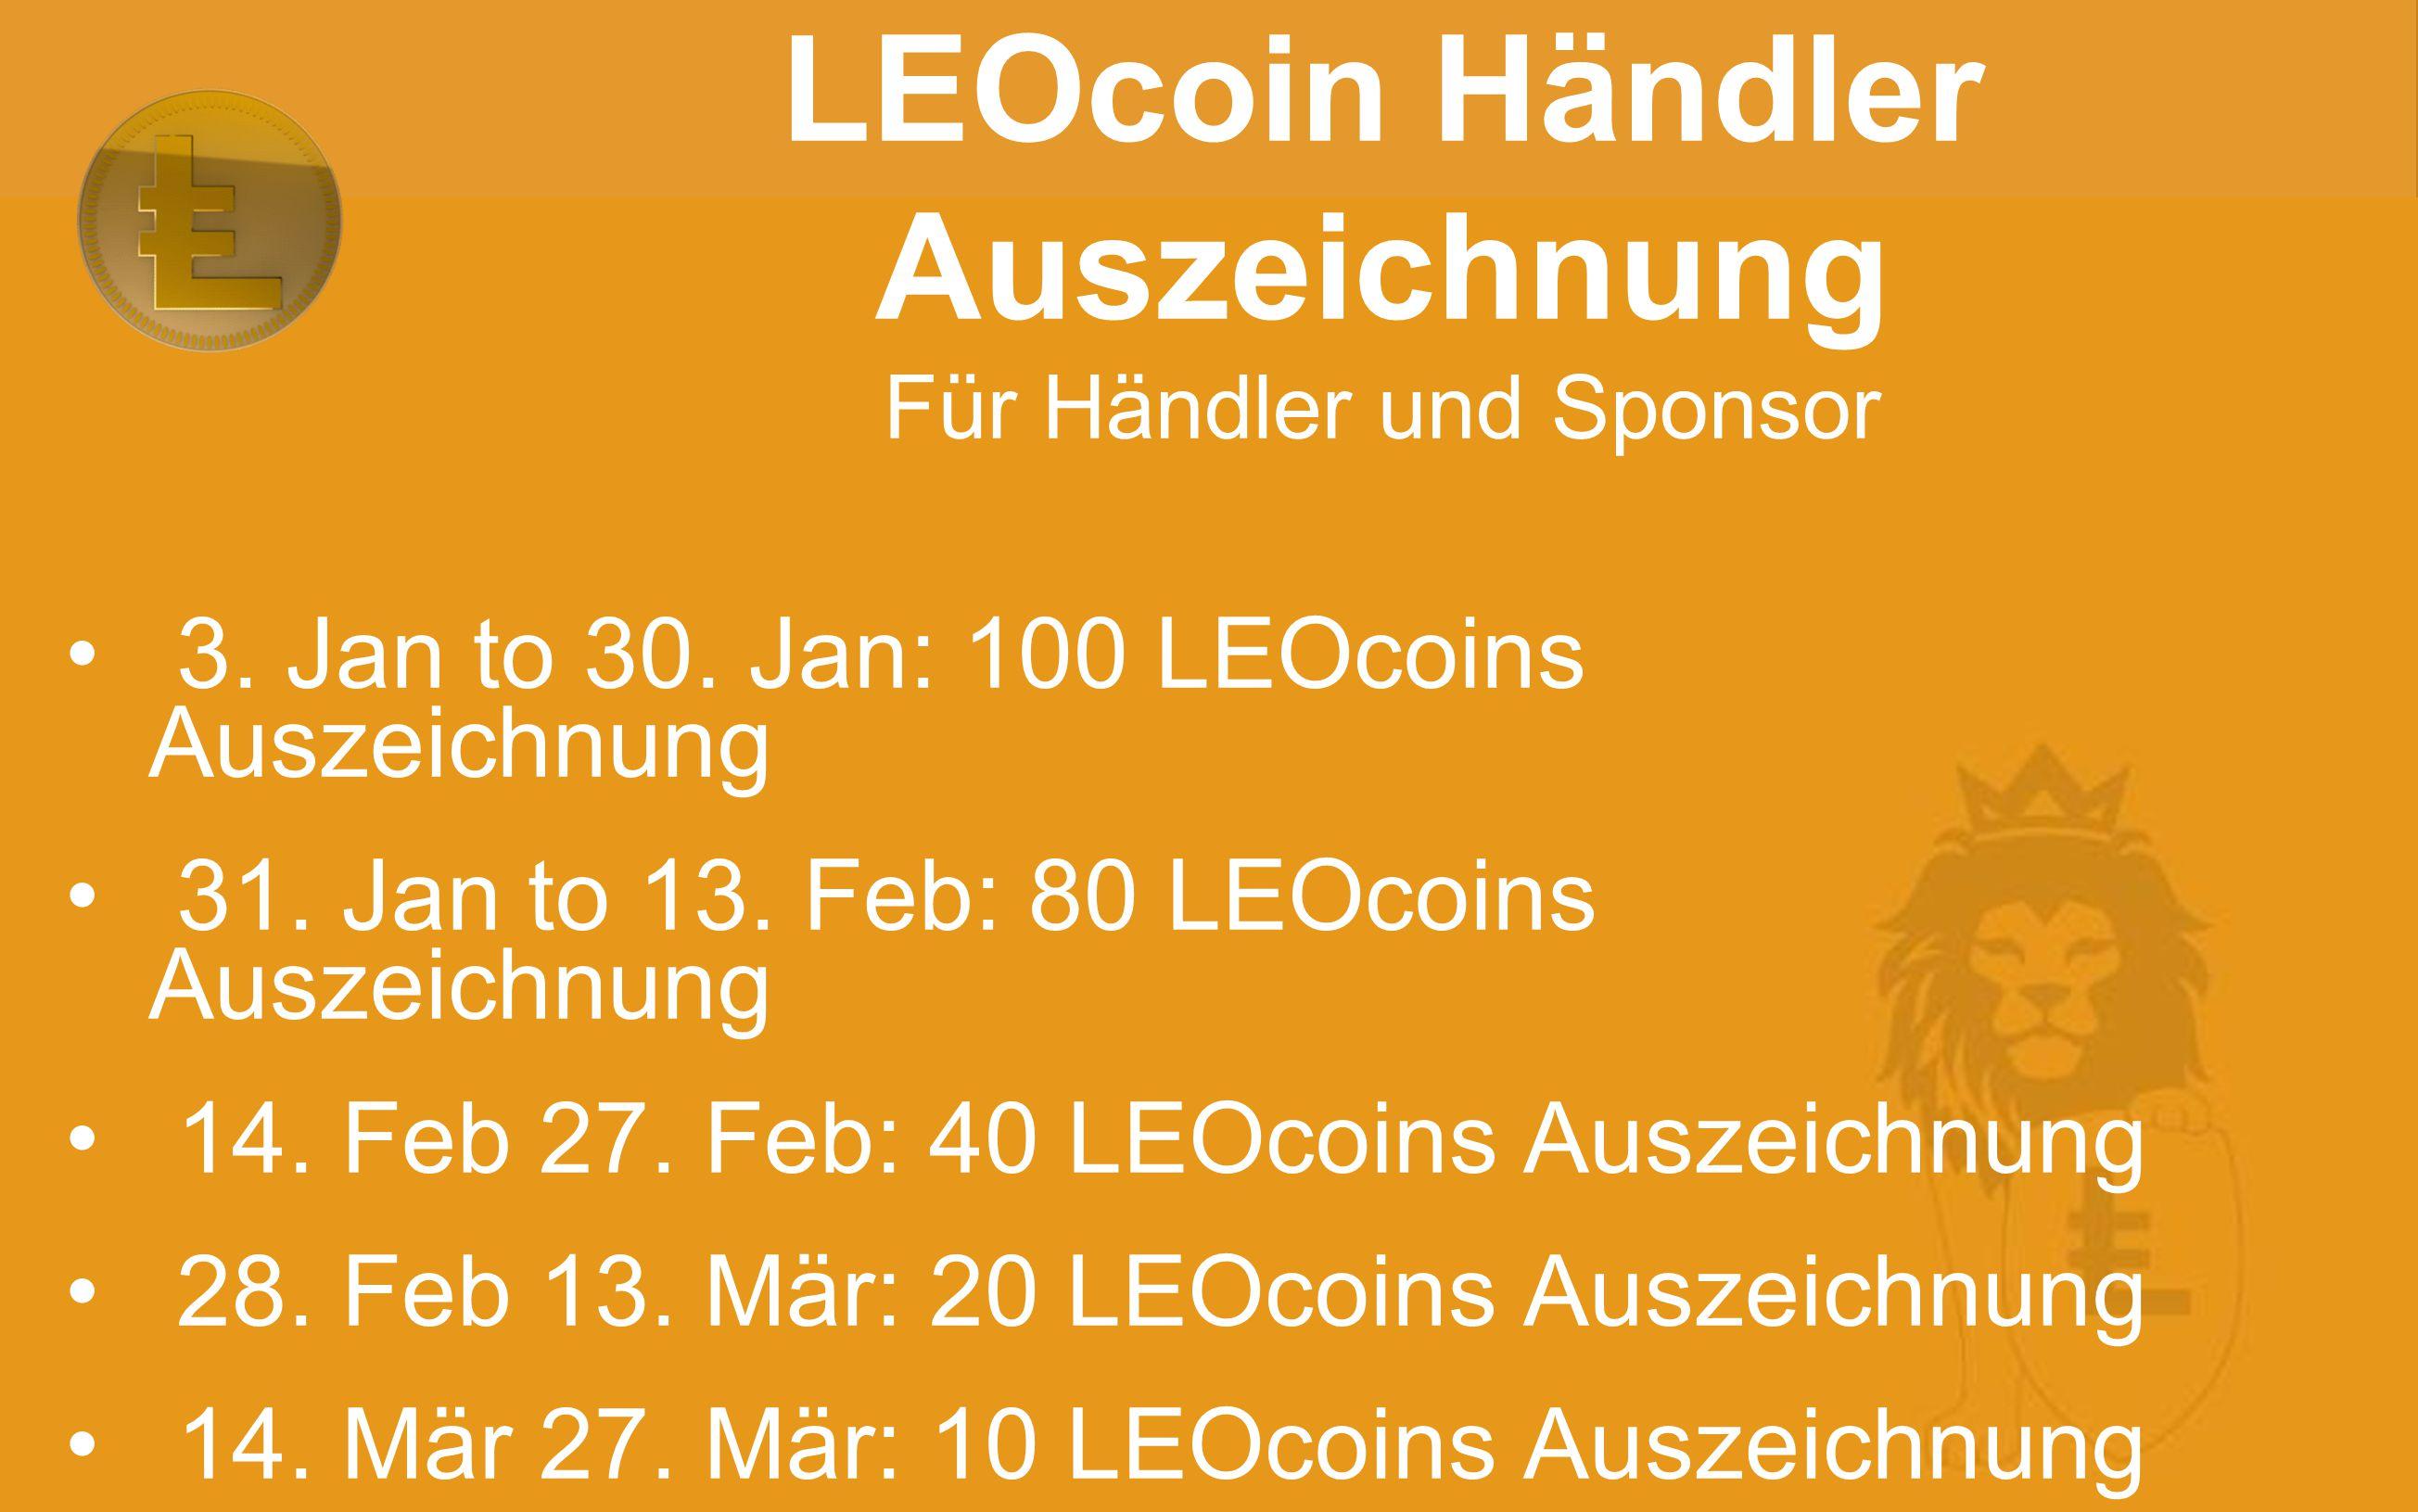 3. Jan to 30. Jan: 100 LEOcoins Auszeichnung 31. Jan to 13. Feb: 80 LEOcoins Auszeichnung 14. Feb 27. Feb: 40 LEOcoins Auszeichnung 28. Feb 13. Mär: 2